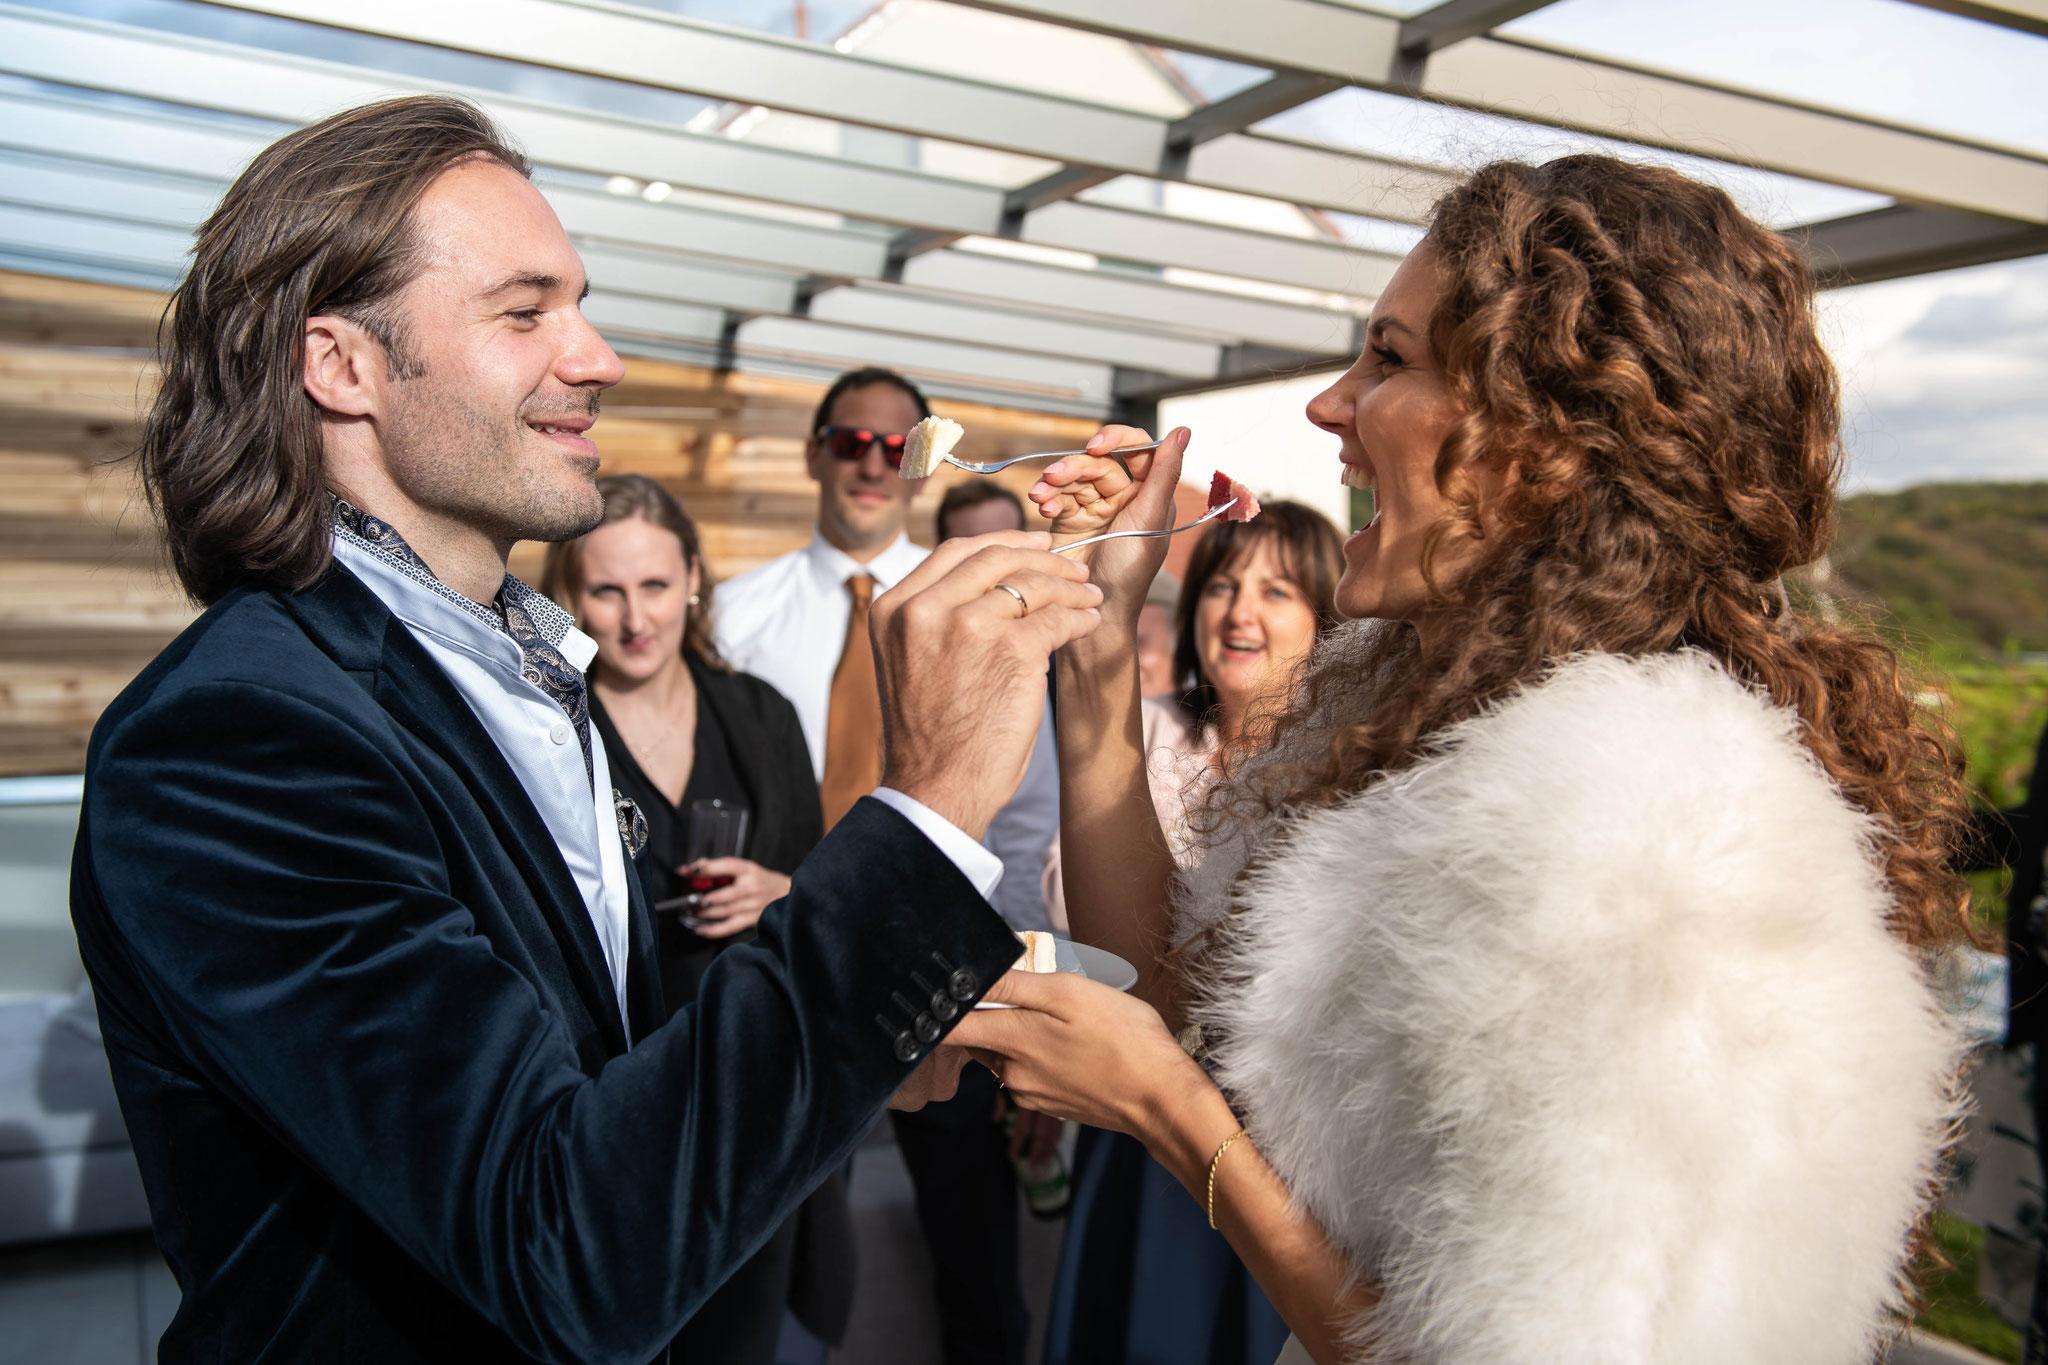 Fotograf für Familienaufnahmen und Gruppenfotos an eurem Hochzeitstag in Würzburg und Deutschlandweit